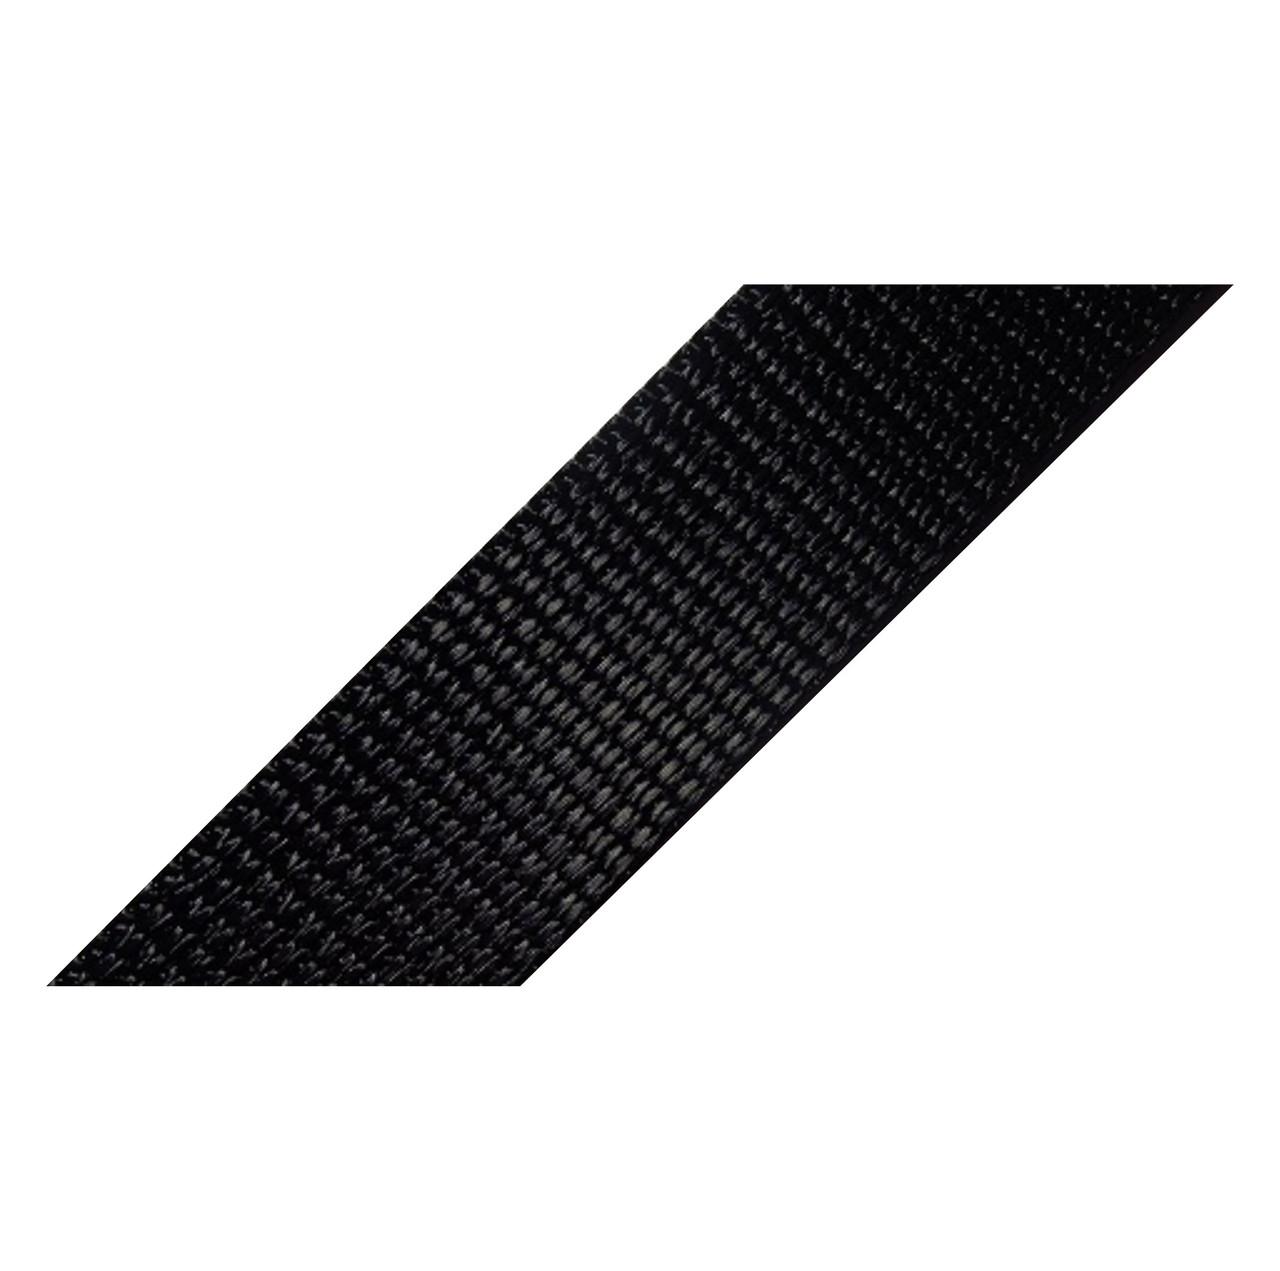 Лента ременная 100% Полиамид 20мм цв черный (боб 50м) р 3174 Укр-з